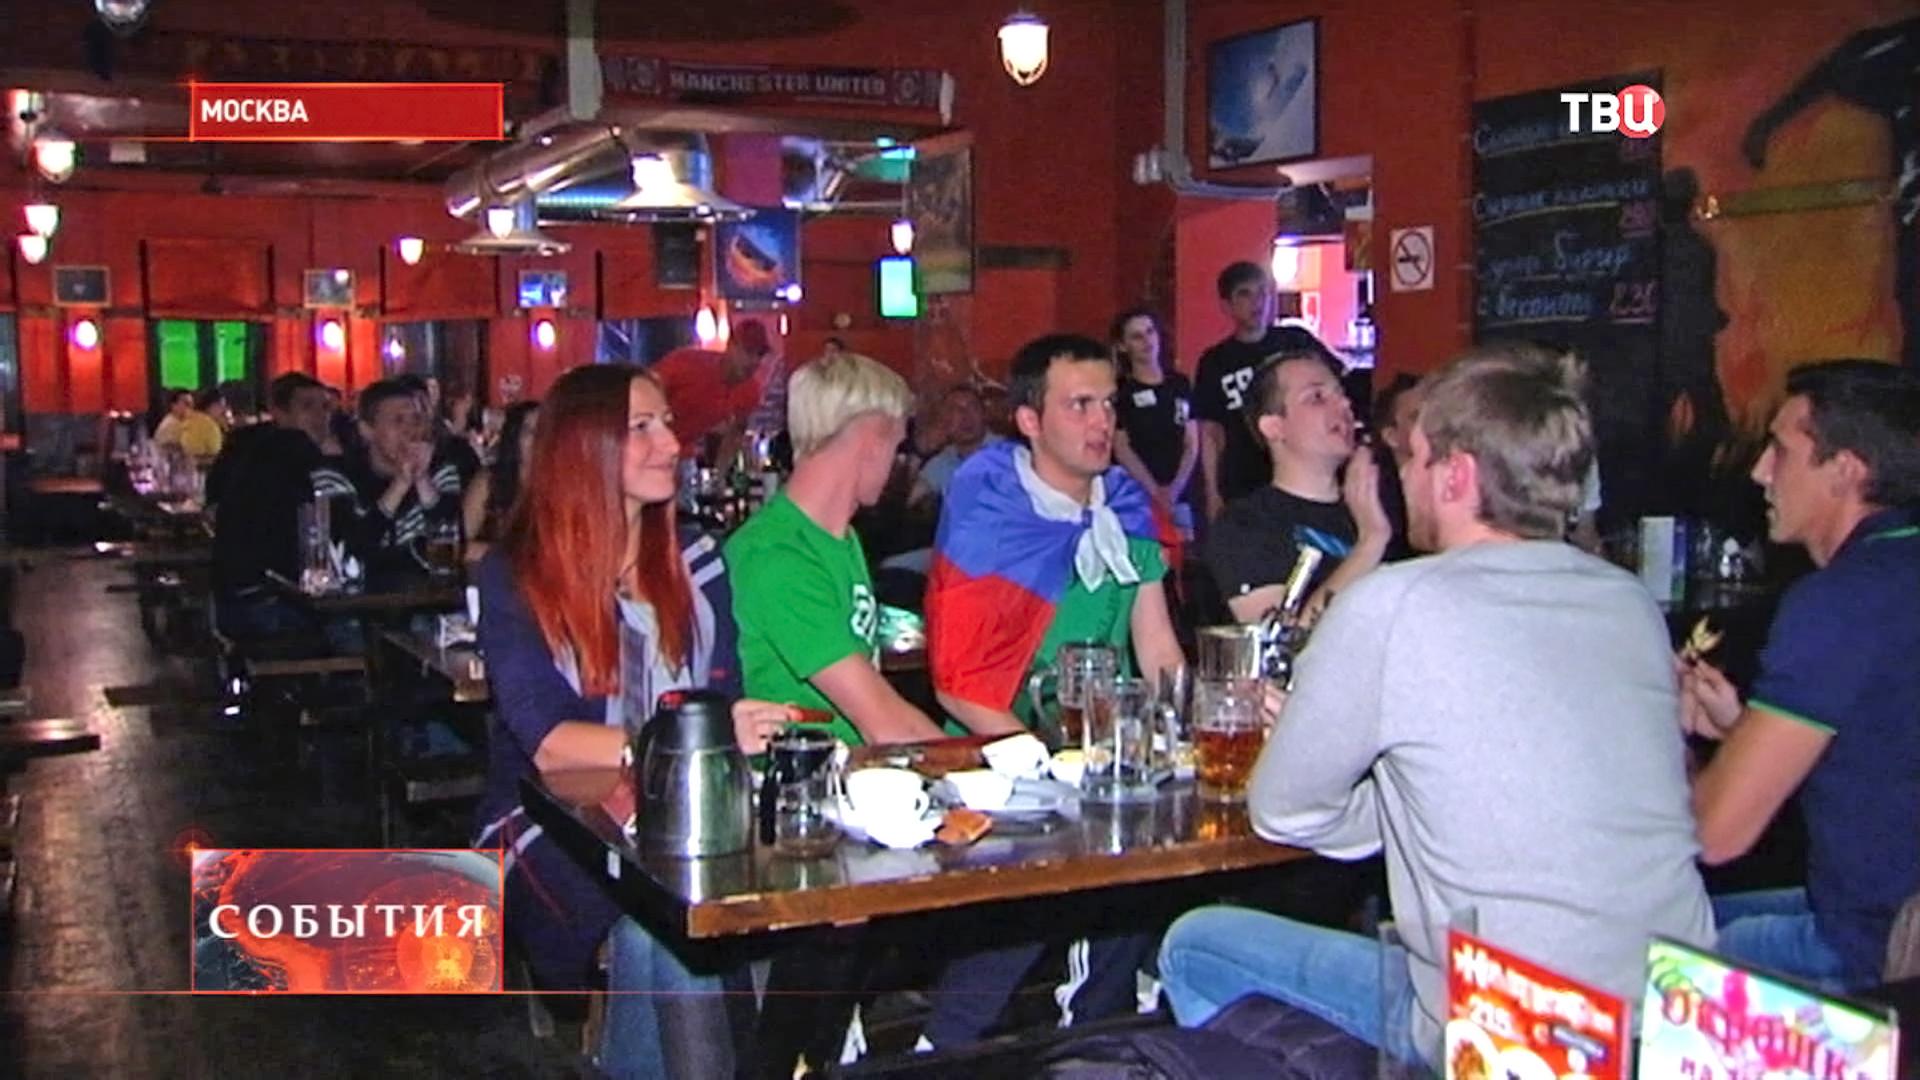 Российские болельщики смотрят футбол